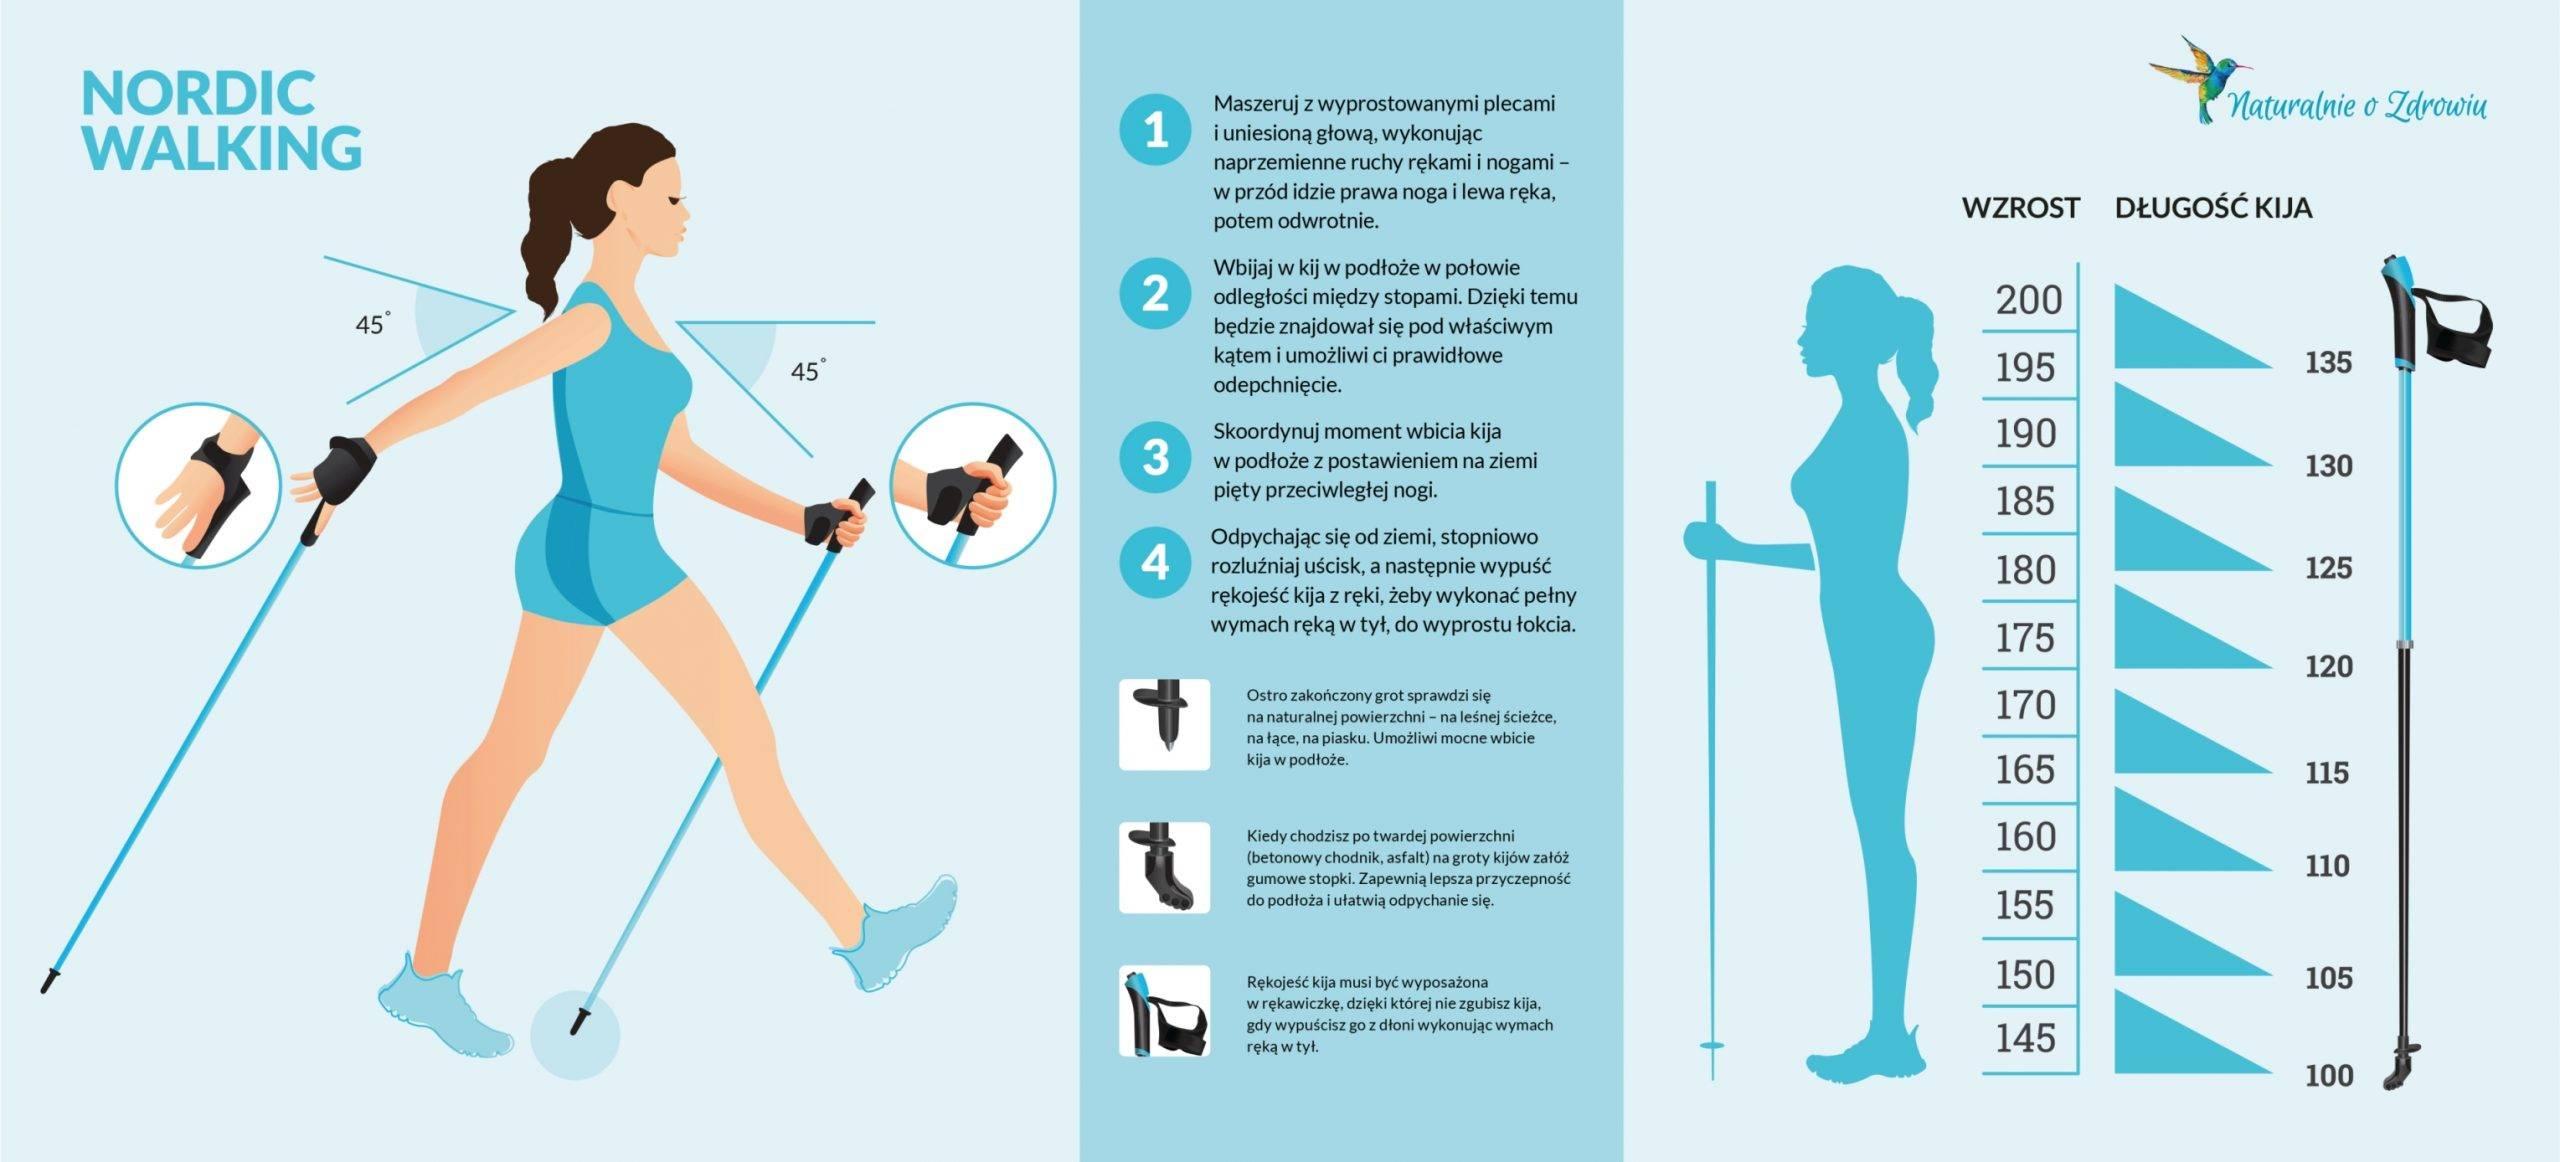 Nordic walking dla początkujących - jak poprawnie ćwiczyć? Infografika